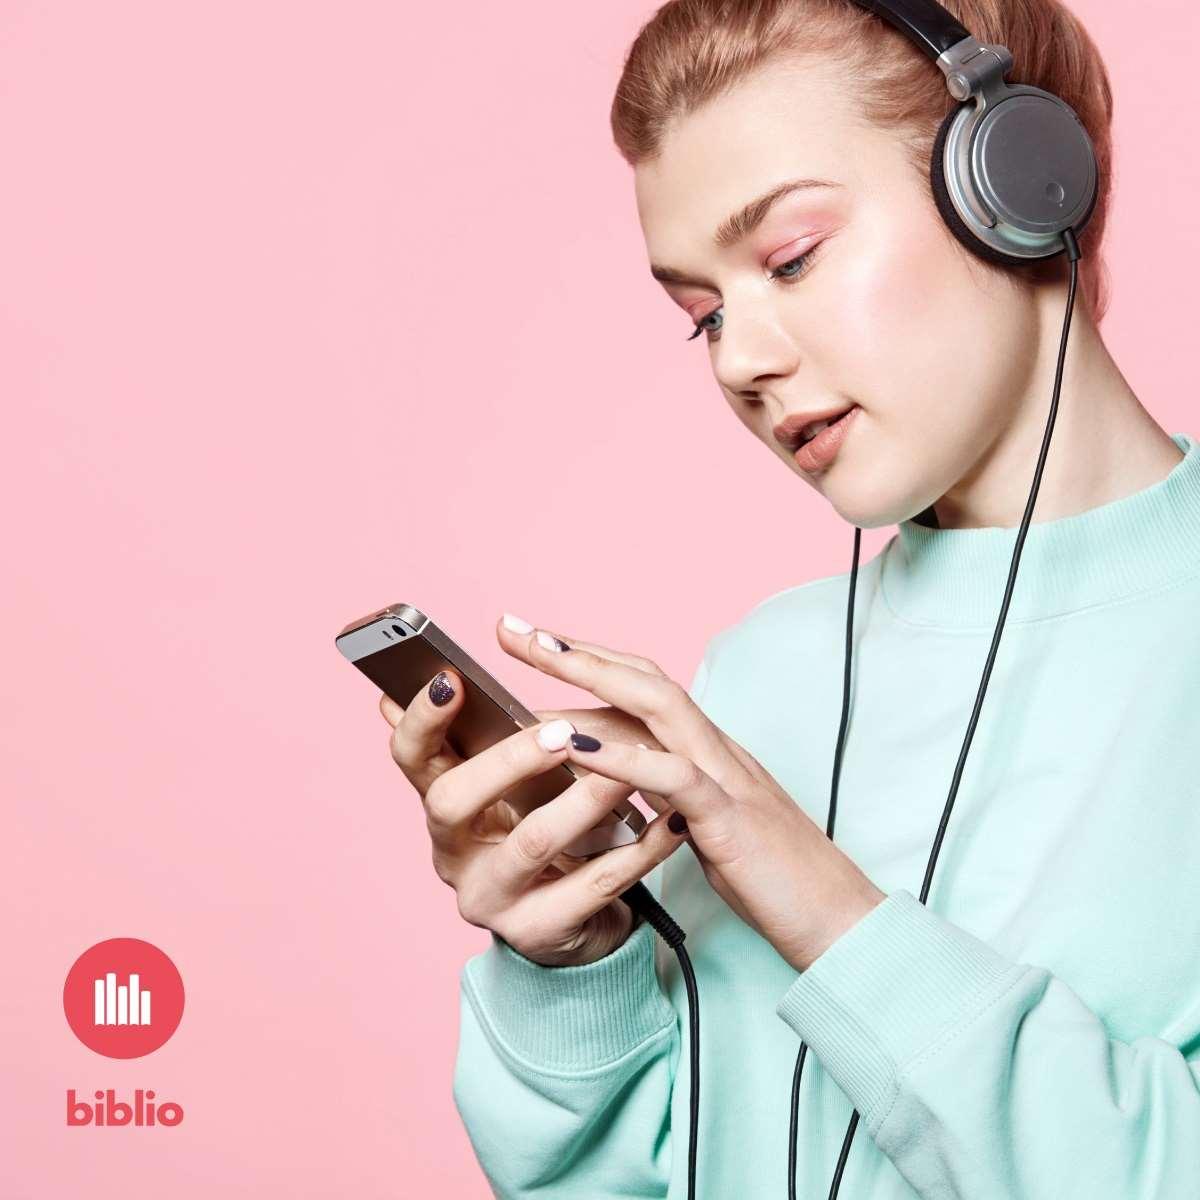 Bilden visar en person som lyssnar på något i hörlurar som är kopplade till en mobiltelefon. En logotyp för Biblio finns också med.,